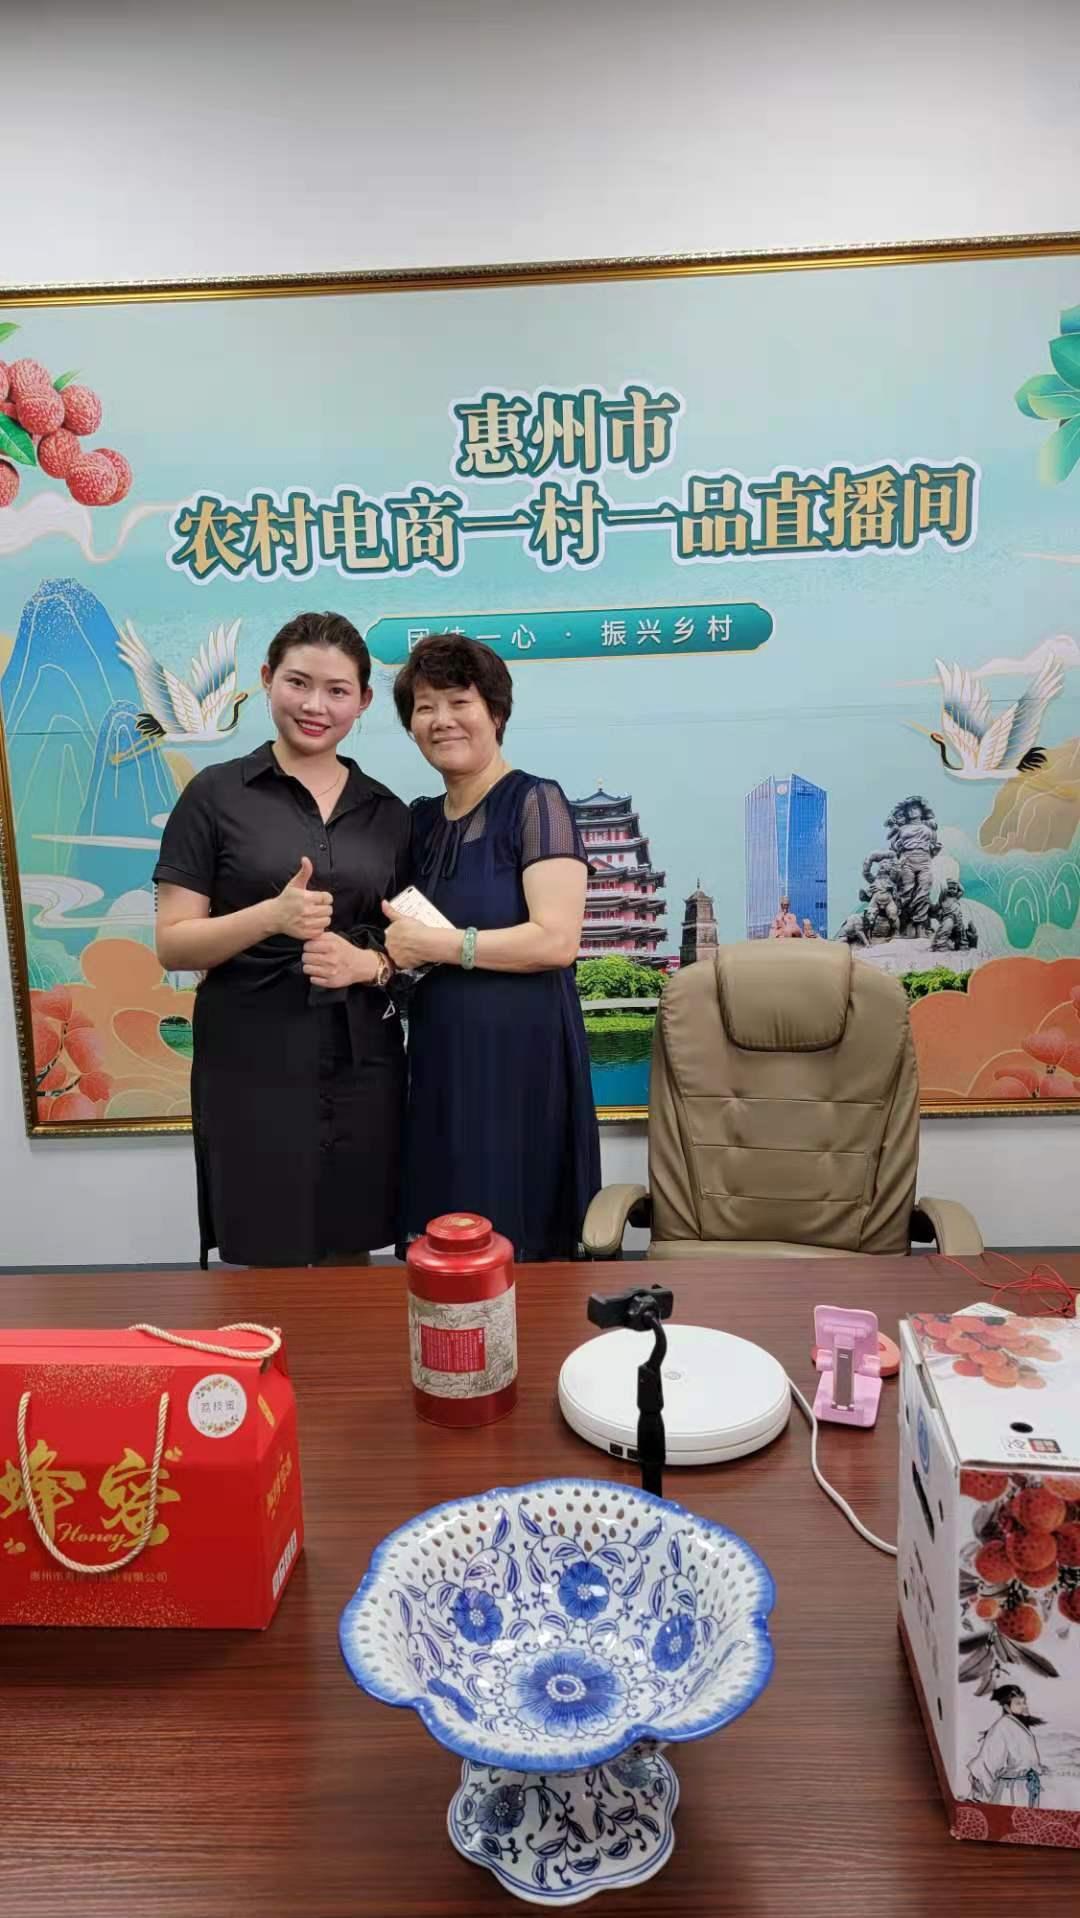 我台领导考察惠州市电子产业园区直播基地参观指导